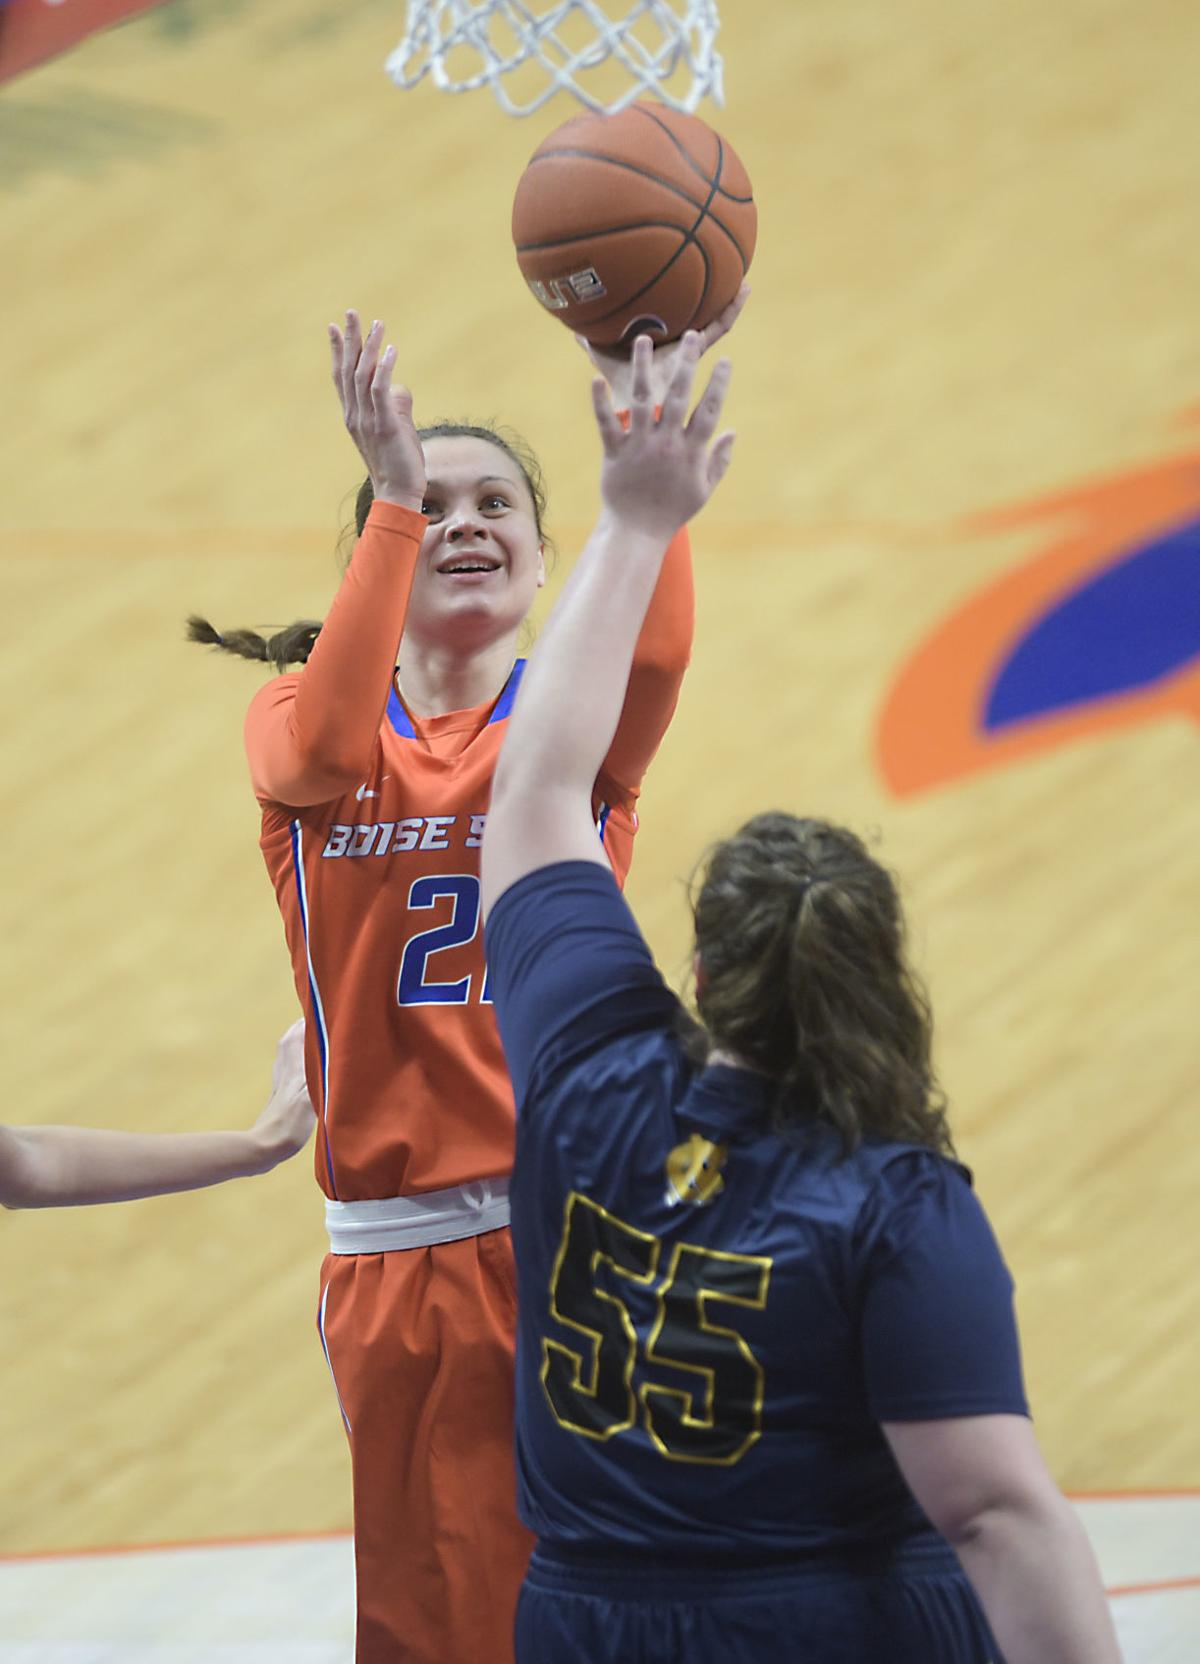 Boise State vs Northwest Christian Basketball